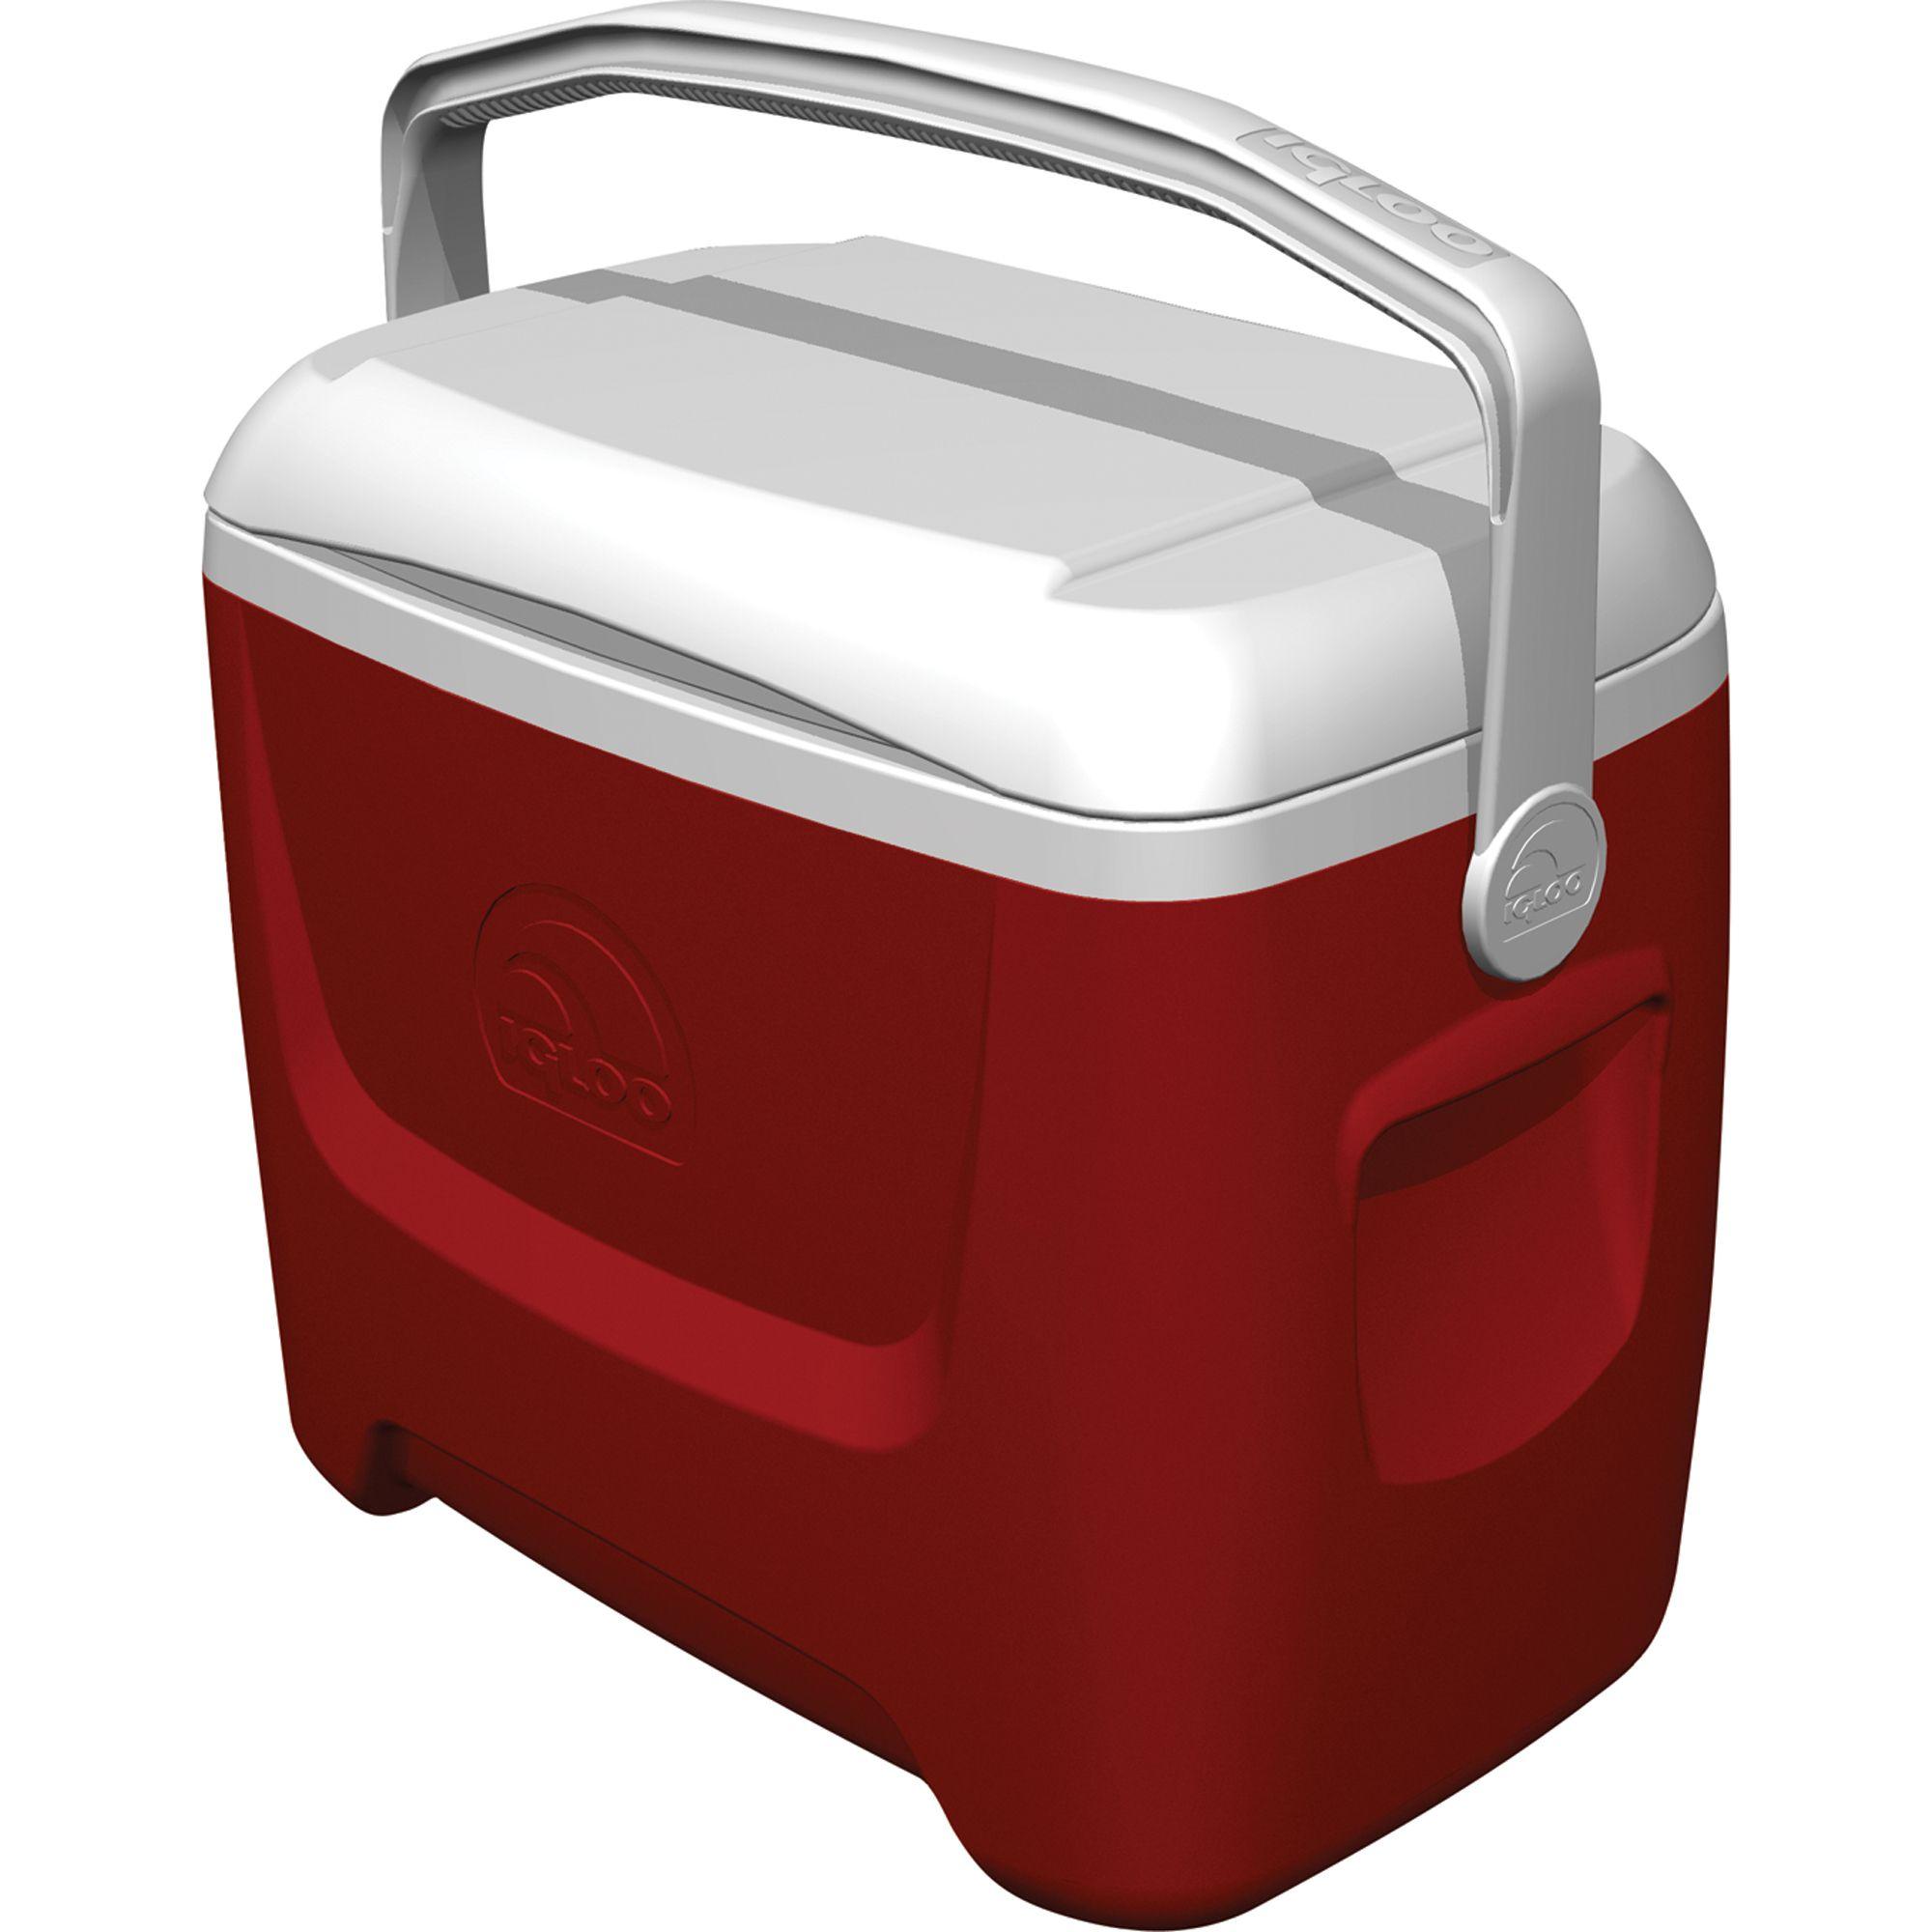 Igloo 28 Quart Island Breeze Cooler Big Portables Kmart